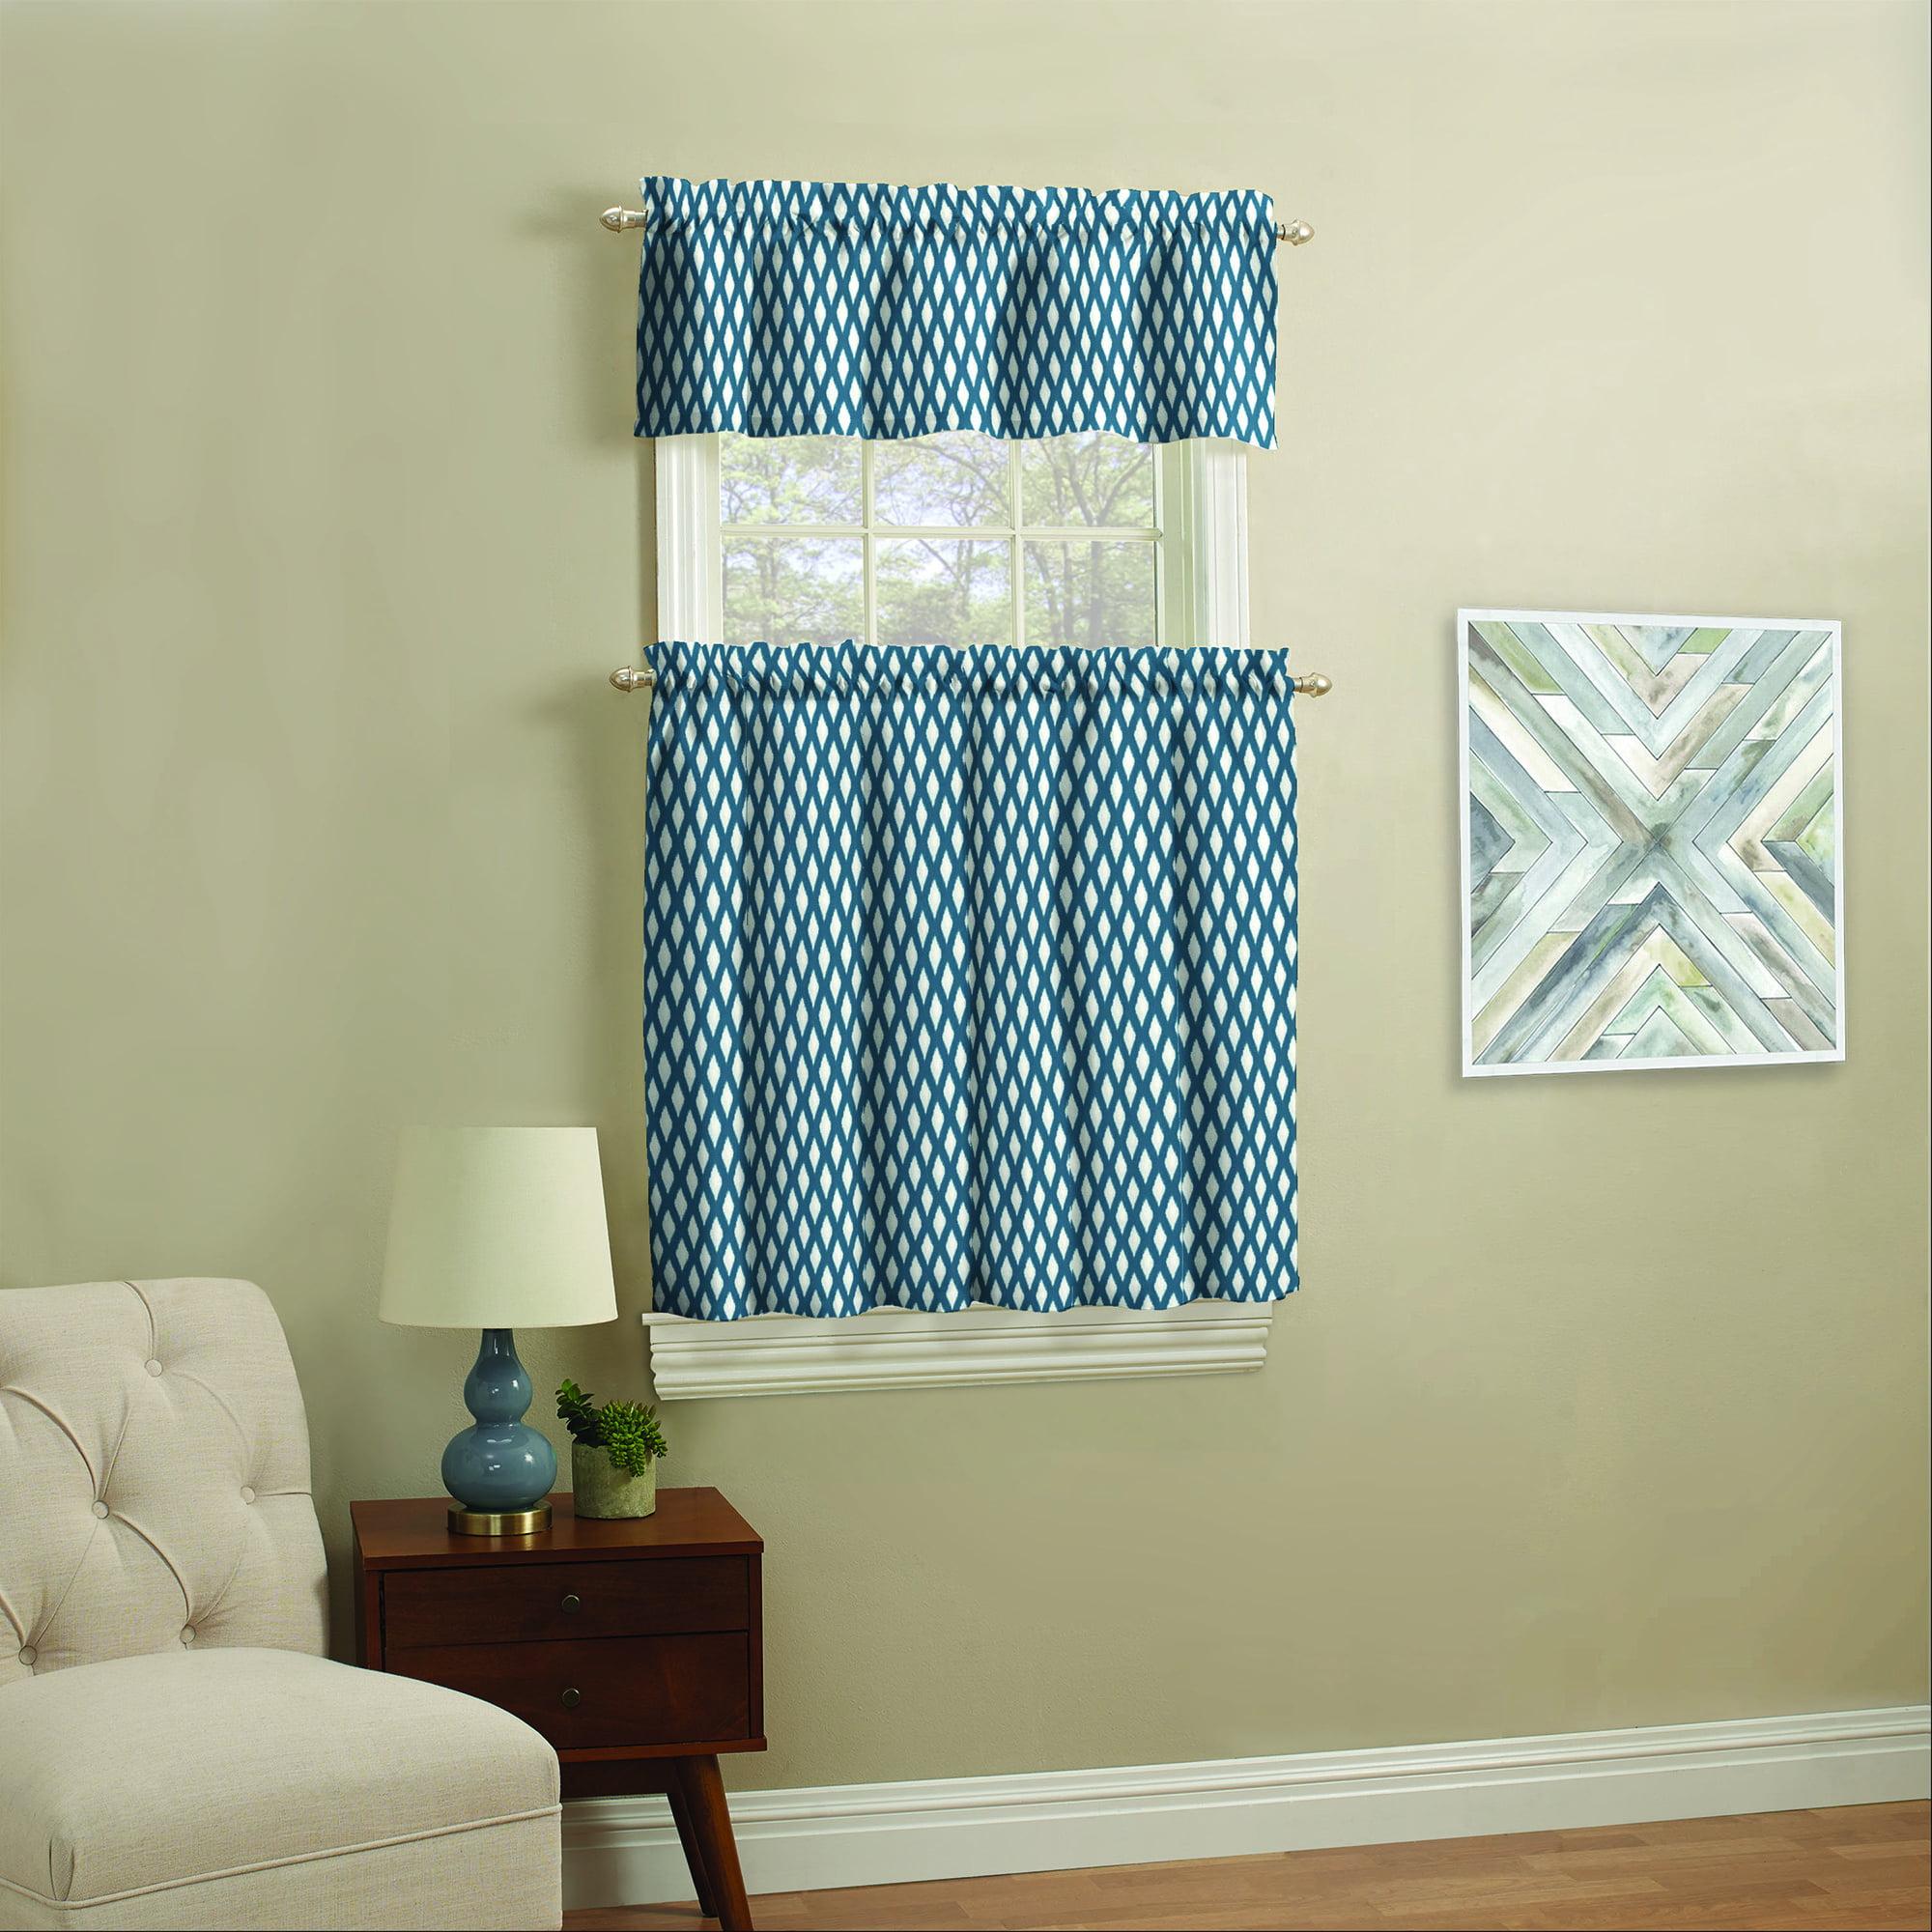 Mainstays Small Window Curtain Set, Navy Ikat, 3 Piece - Walmart.com